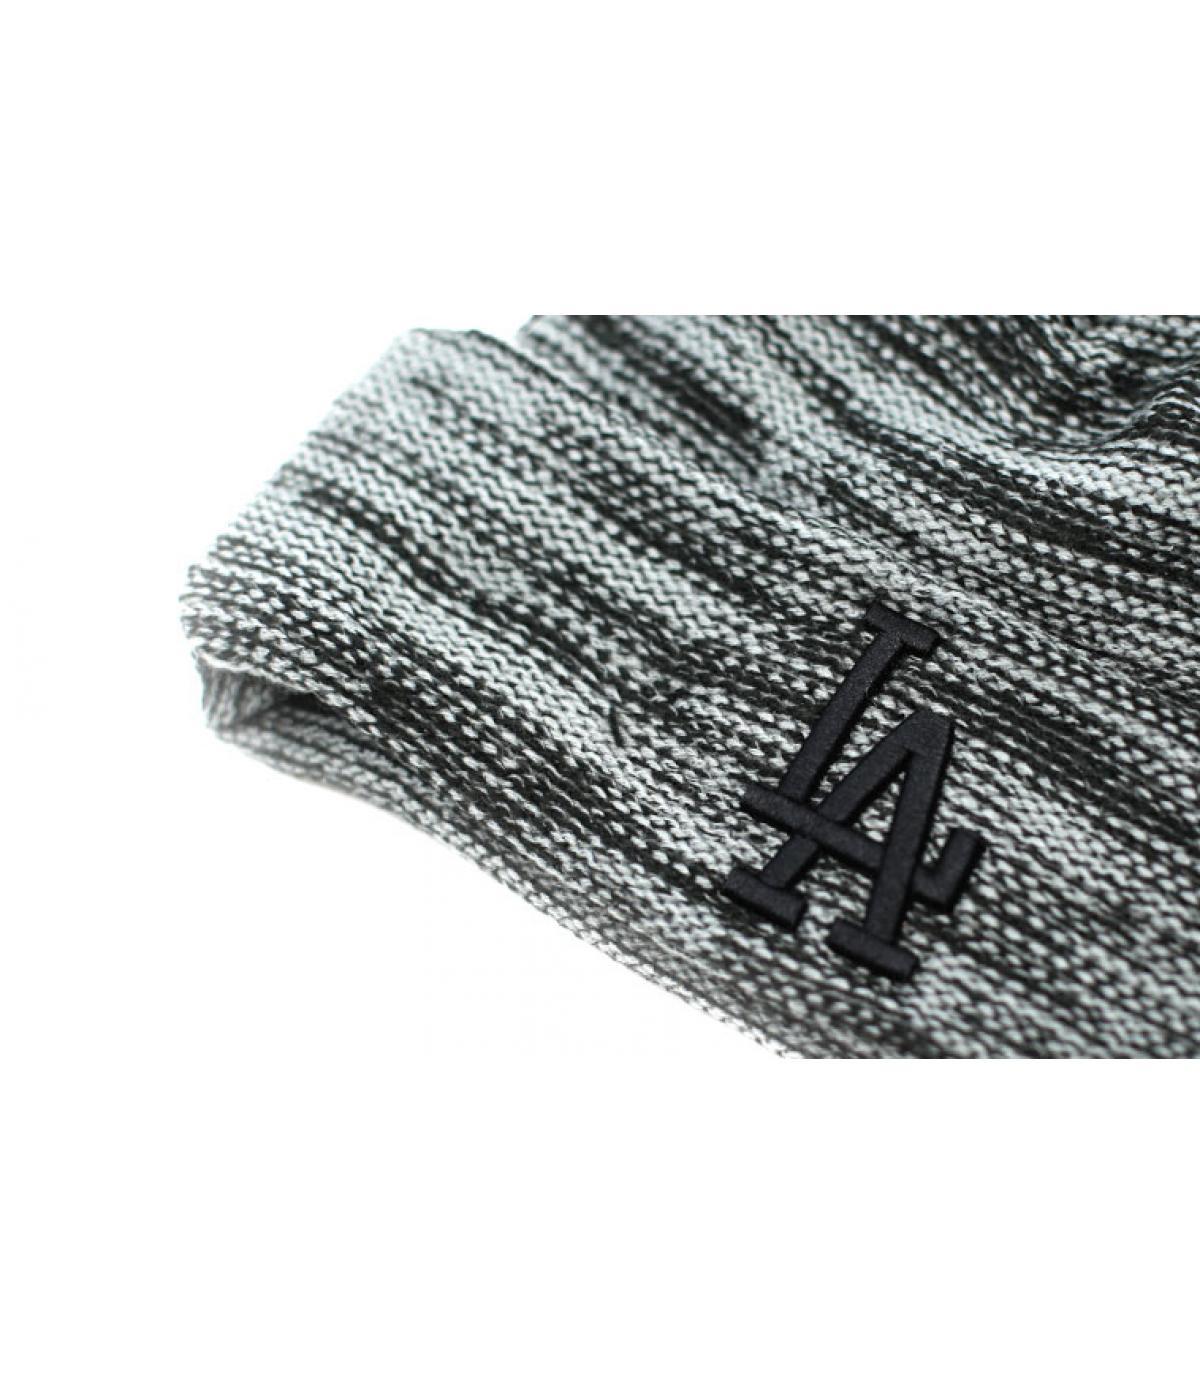 Détails Bonnet LA Marl Knit storm gray black - image 3